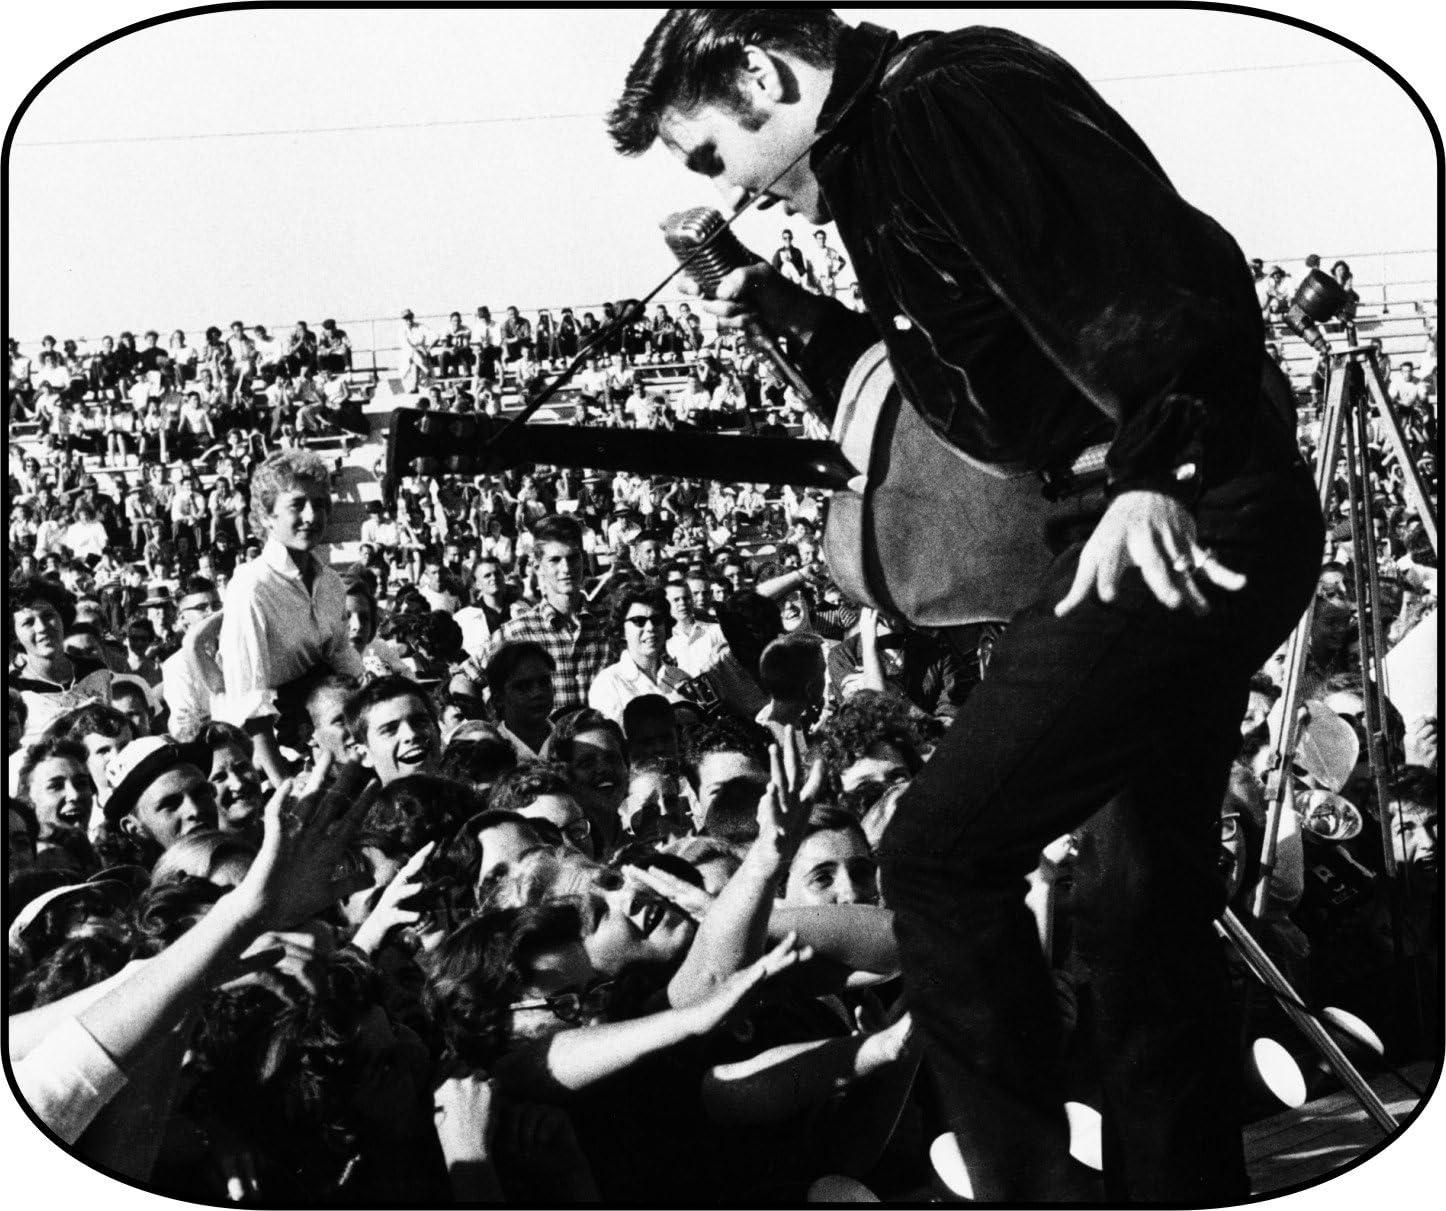 Elvis On Stage 1956 Tupelo Concert Mouse Pads Mousepad, Computer, Desktop Supplies Unique Photo Art